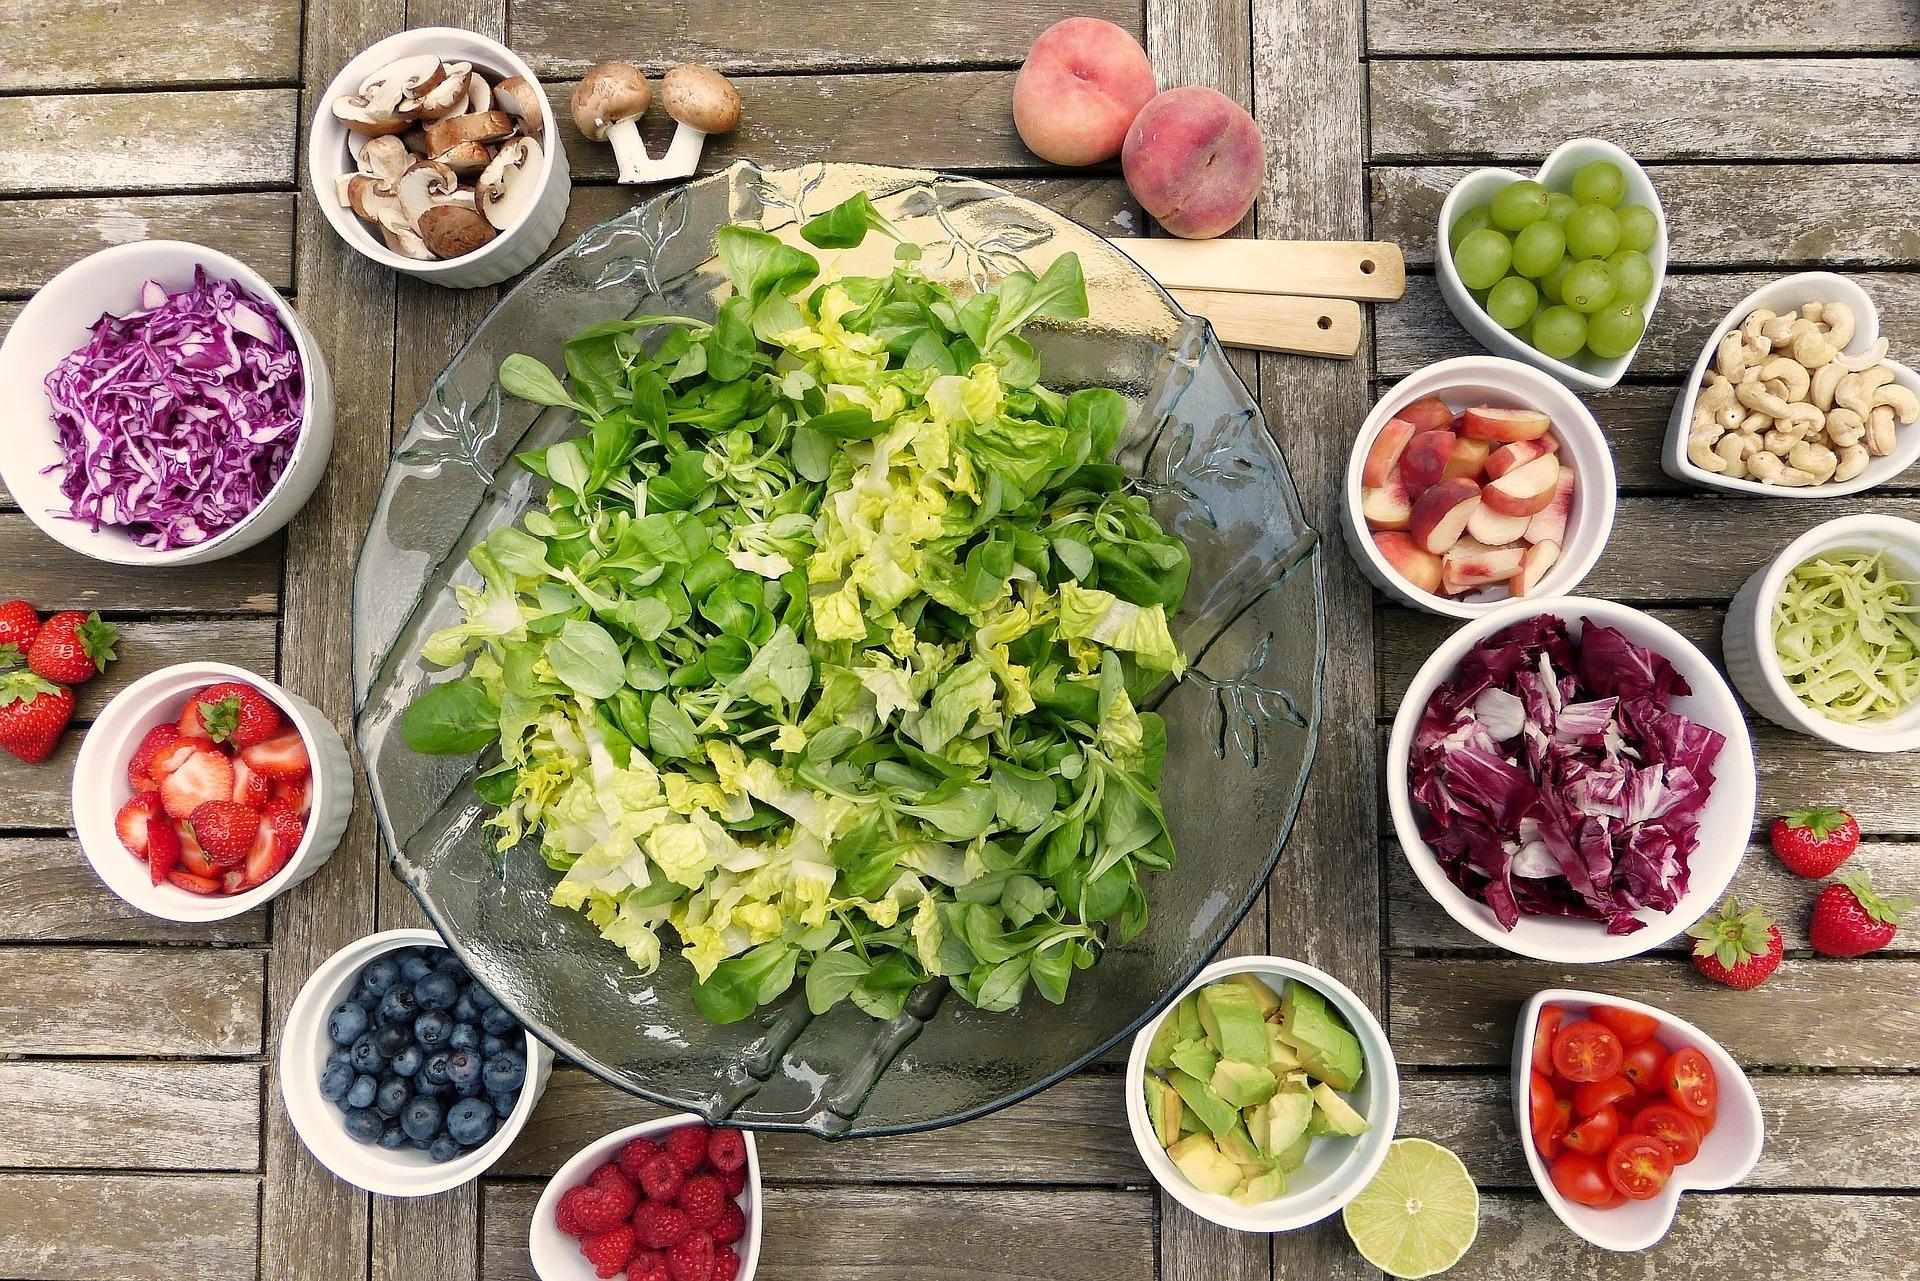 dieta para enfermos del estomago